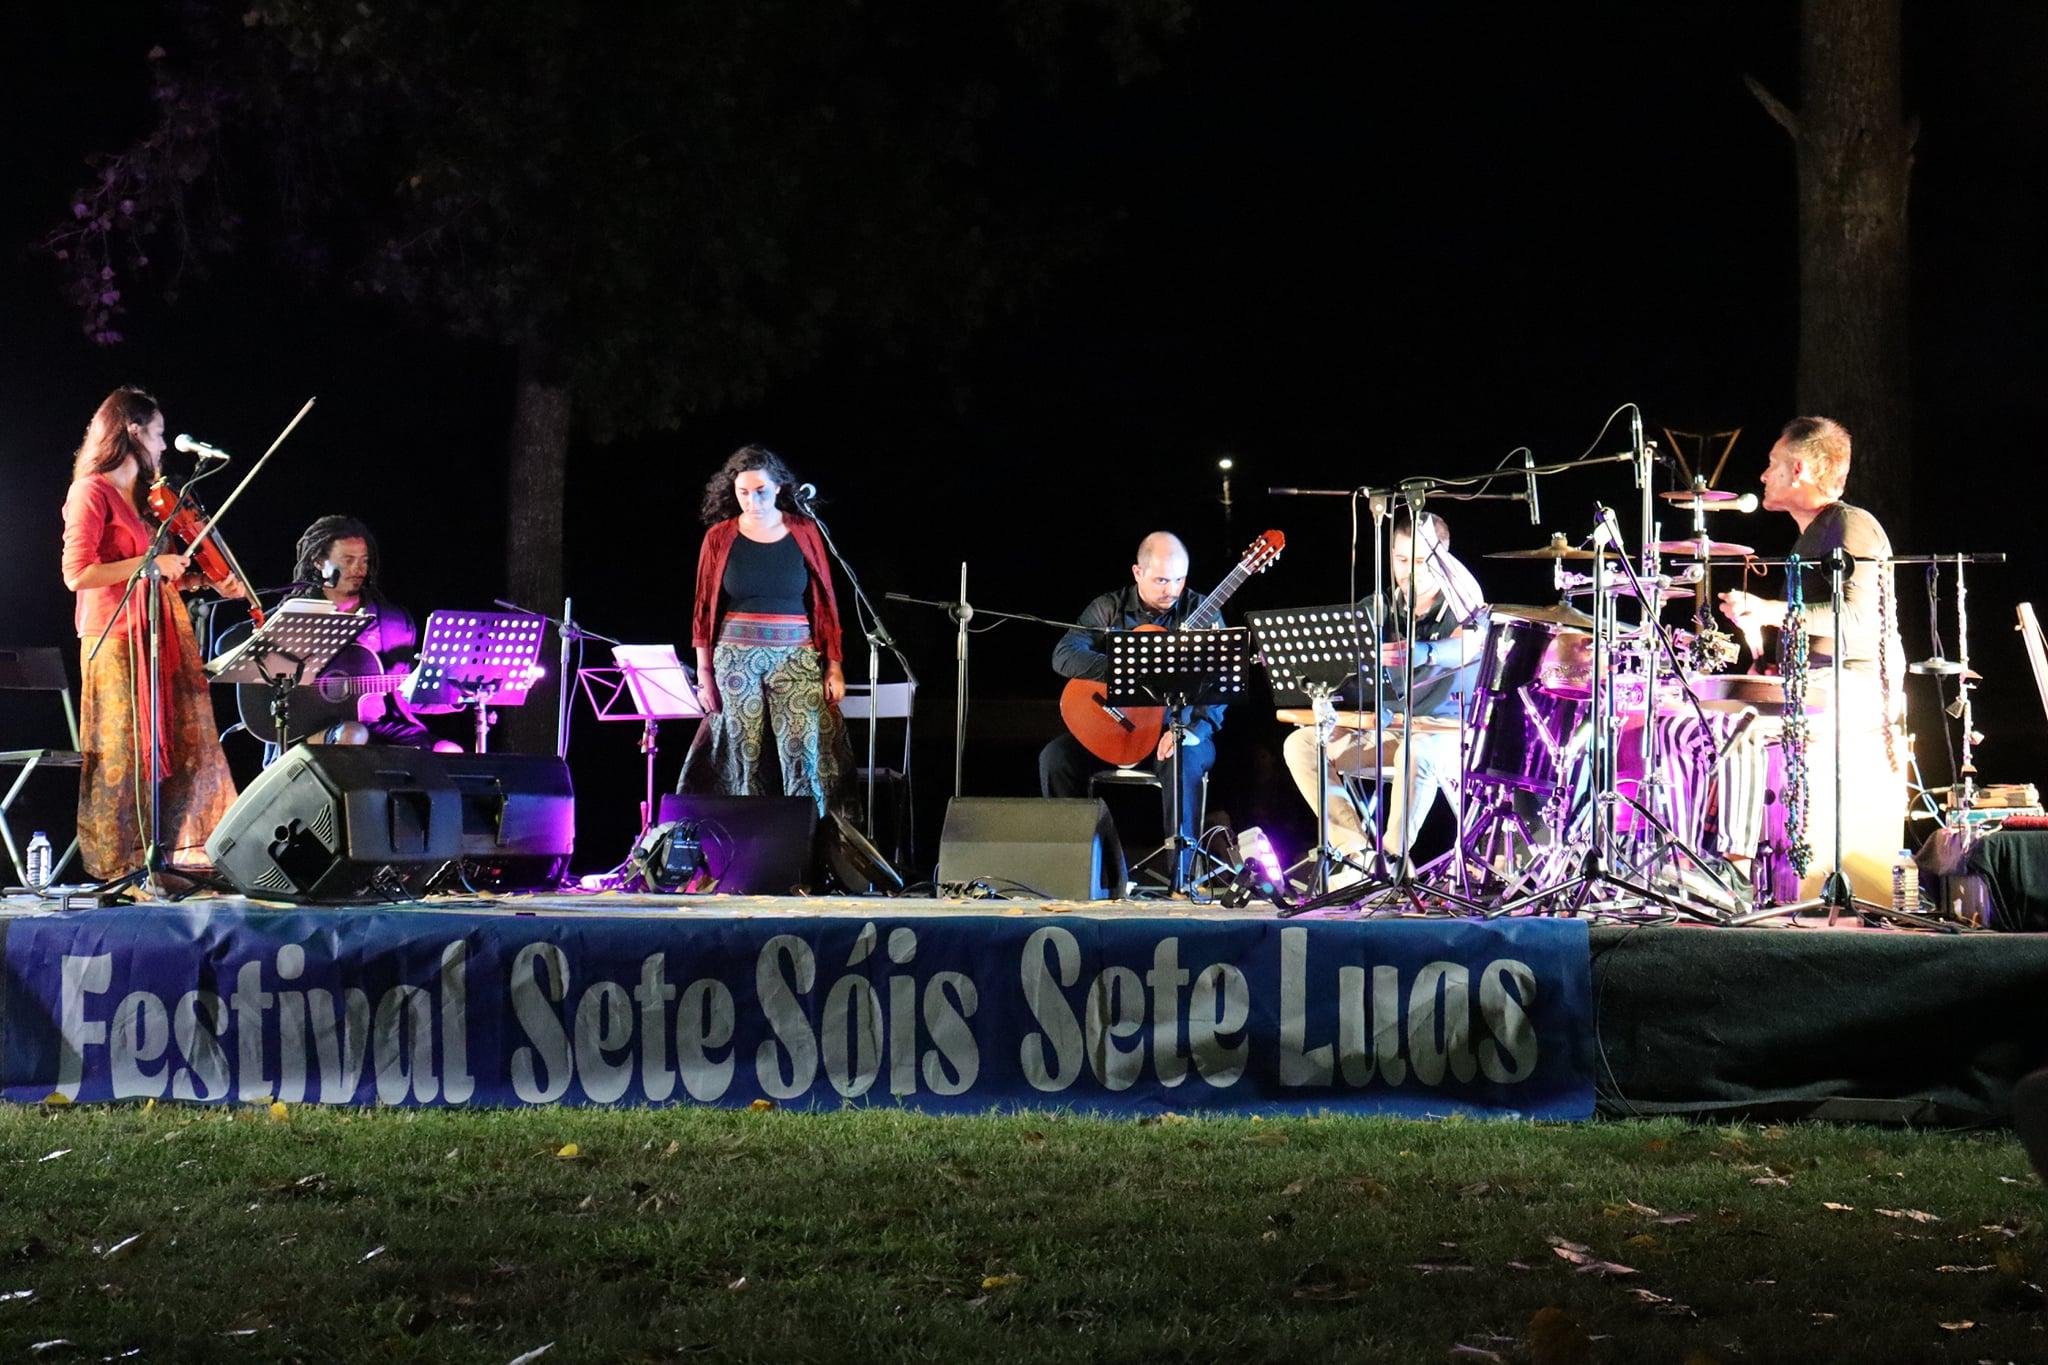 Young Orkestra das Cidades 7 Sóis animou fim de semana no concelho